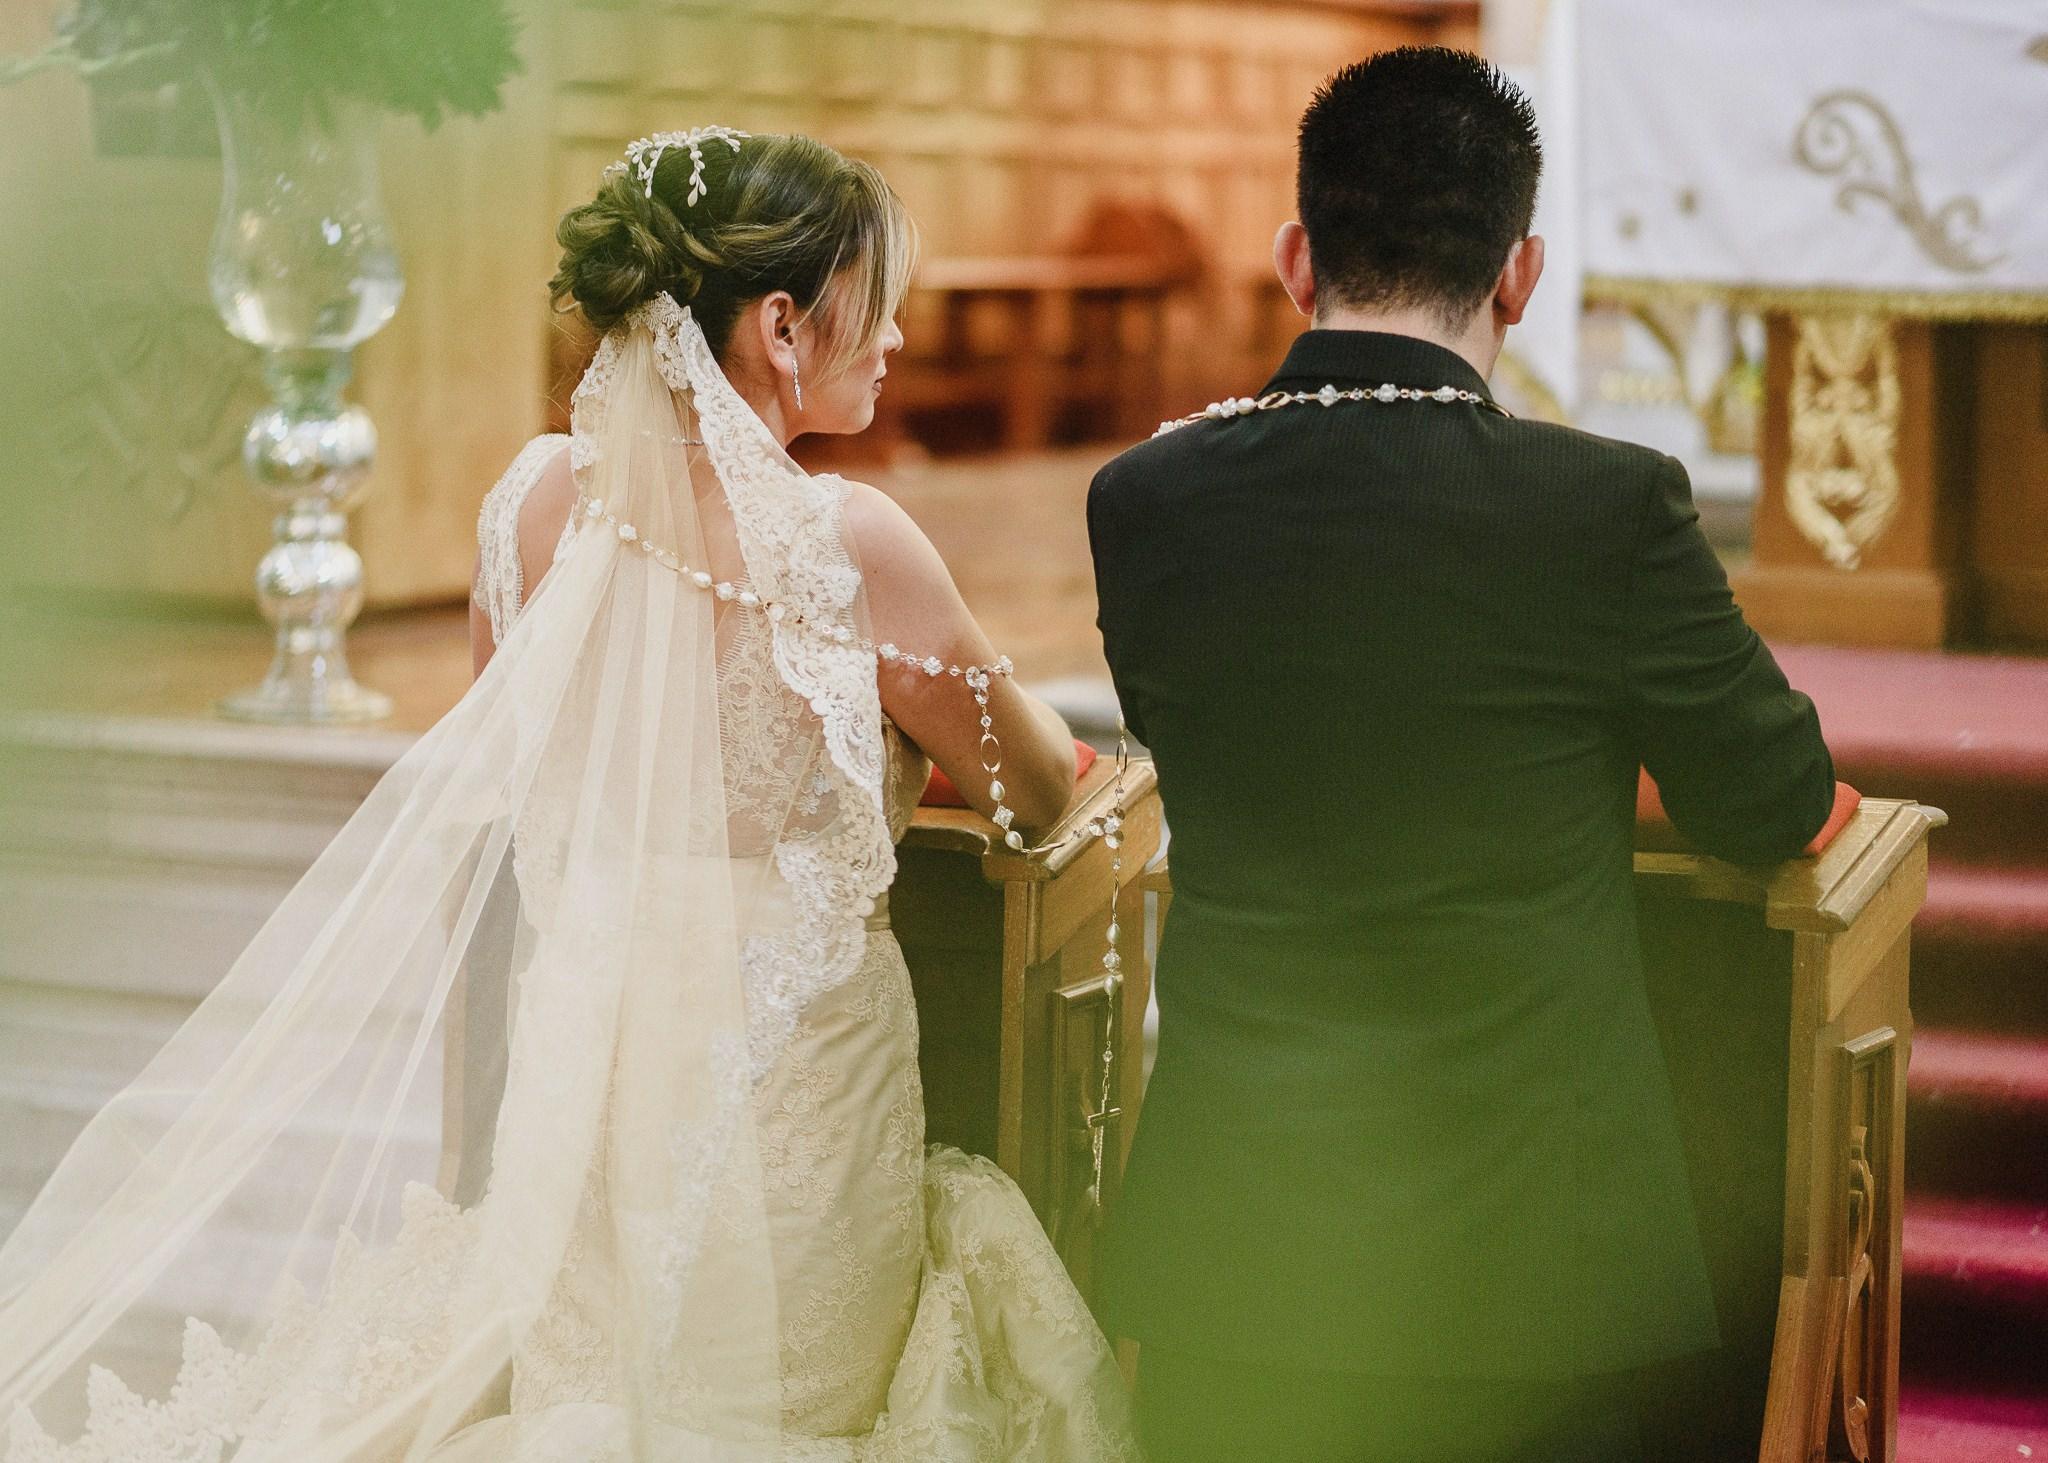 02boda-wedding-ceremonia-templo-barrio-del-encino-aguascalientes-fotografo-luis-houdin64